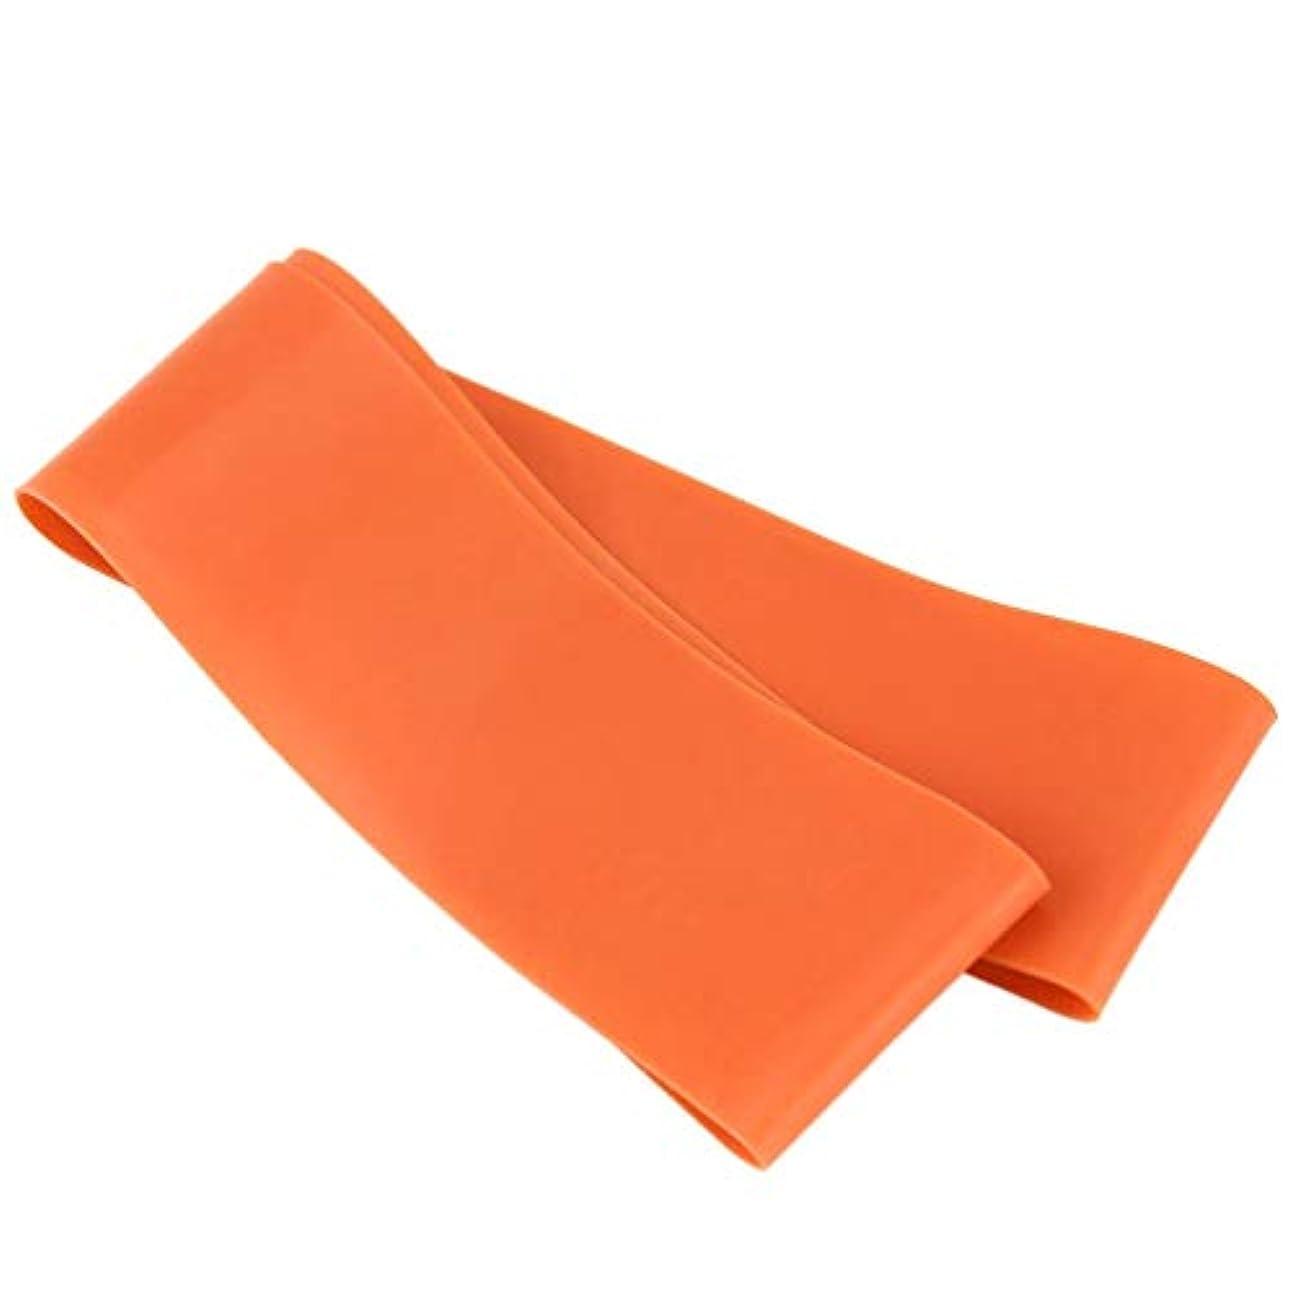 代替夢リル滑り止めの伸縮性のあるゴム製伸縮性がある伸縮性があるヨガベルトバンド引きロープの張力抵抗バンドループ強度のためのフィットネスヨガツール - オレンジ